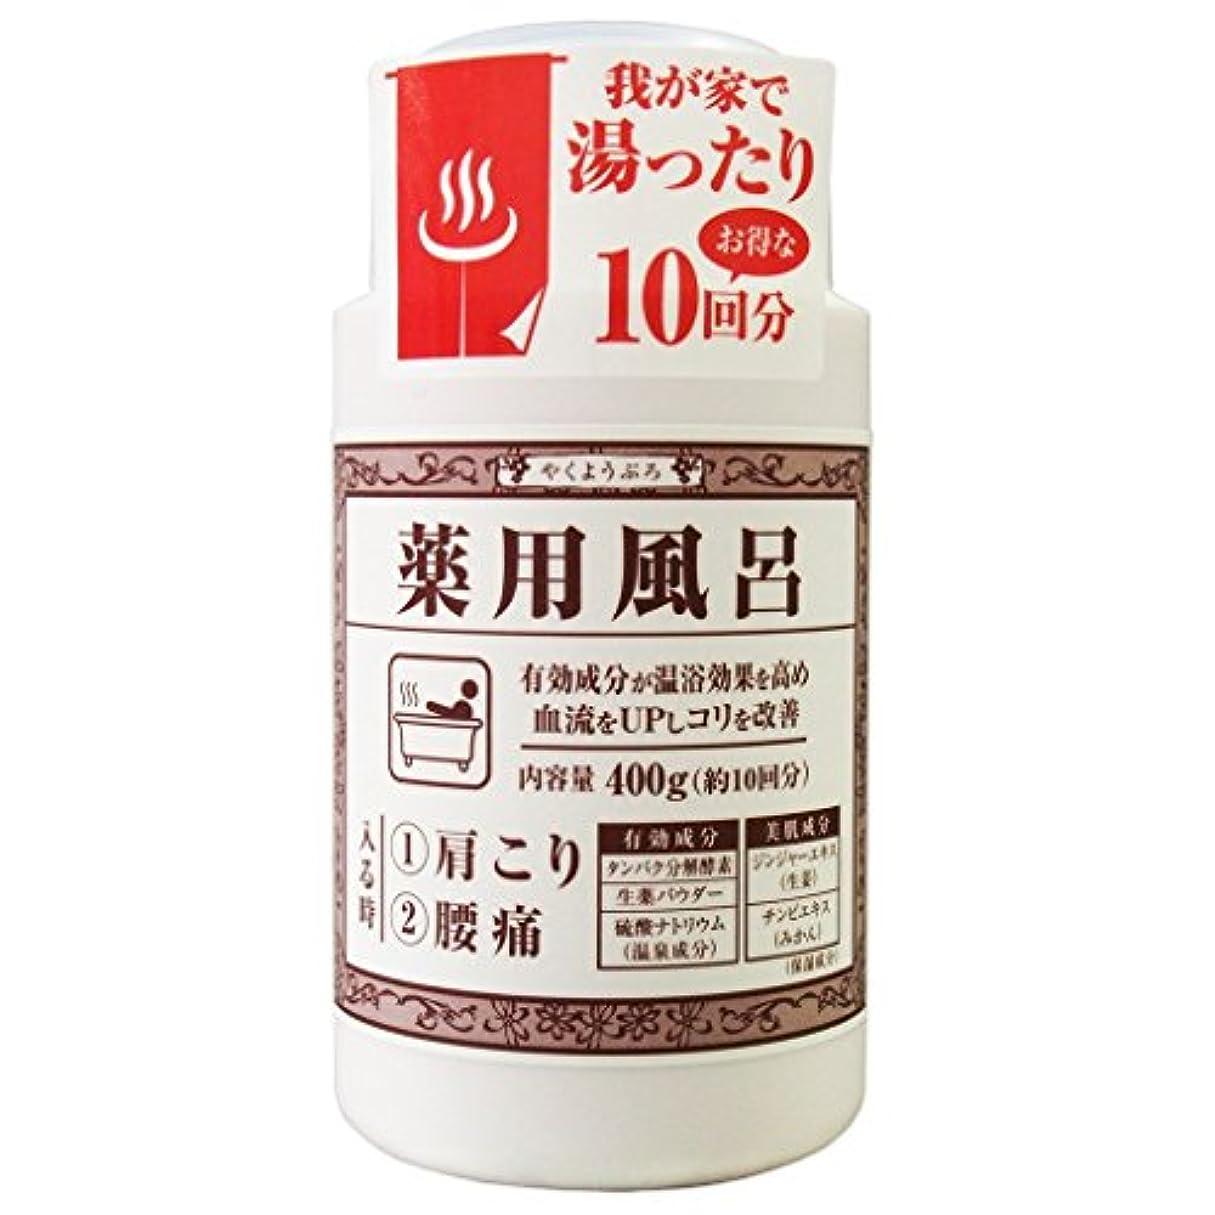 入力チート小麦薬用風呂KKa 肩こり?腰痛 ボトル 400g(医薬部外品)